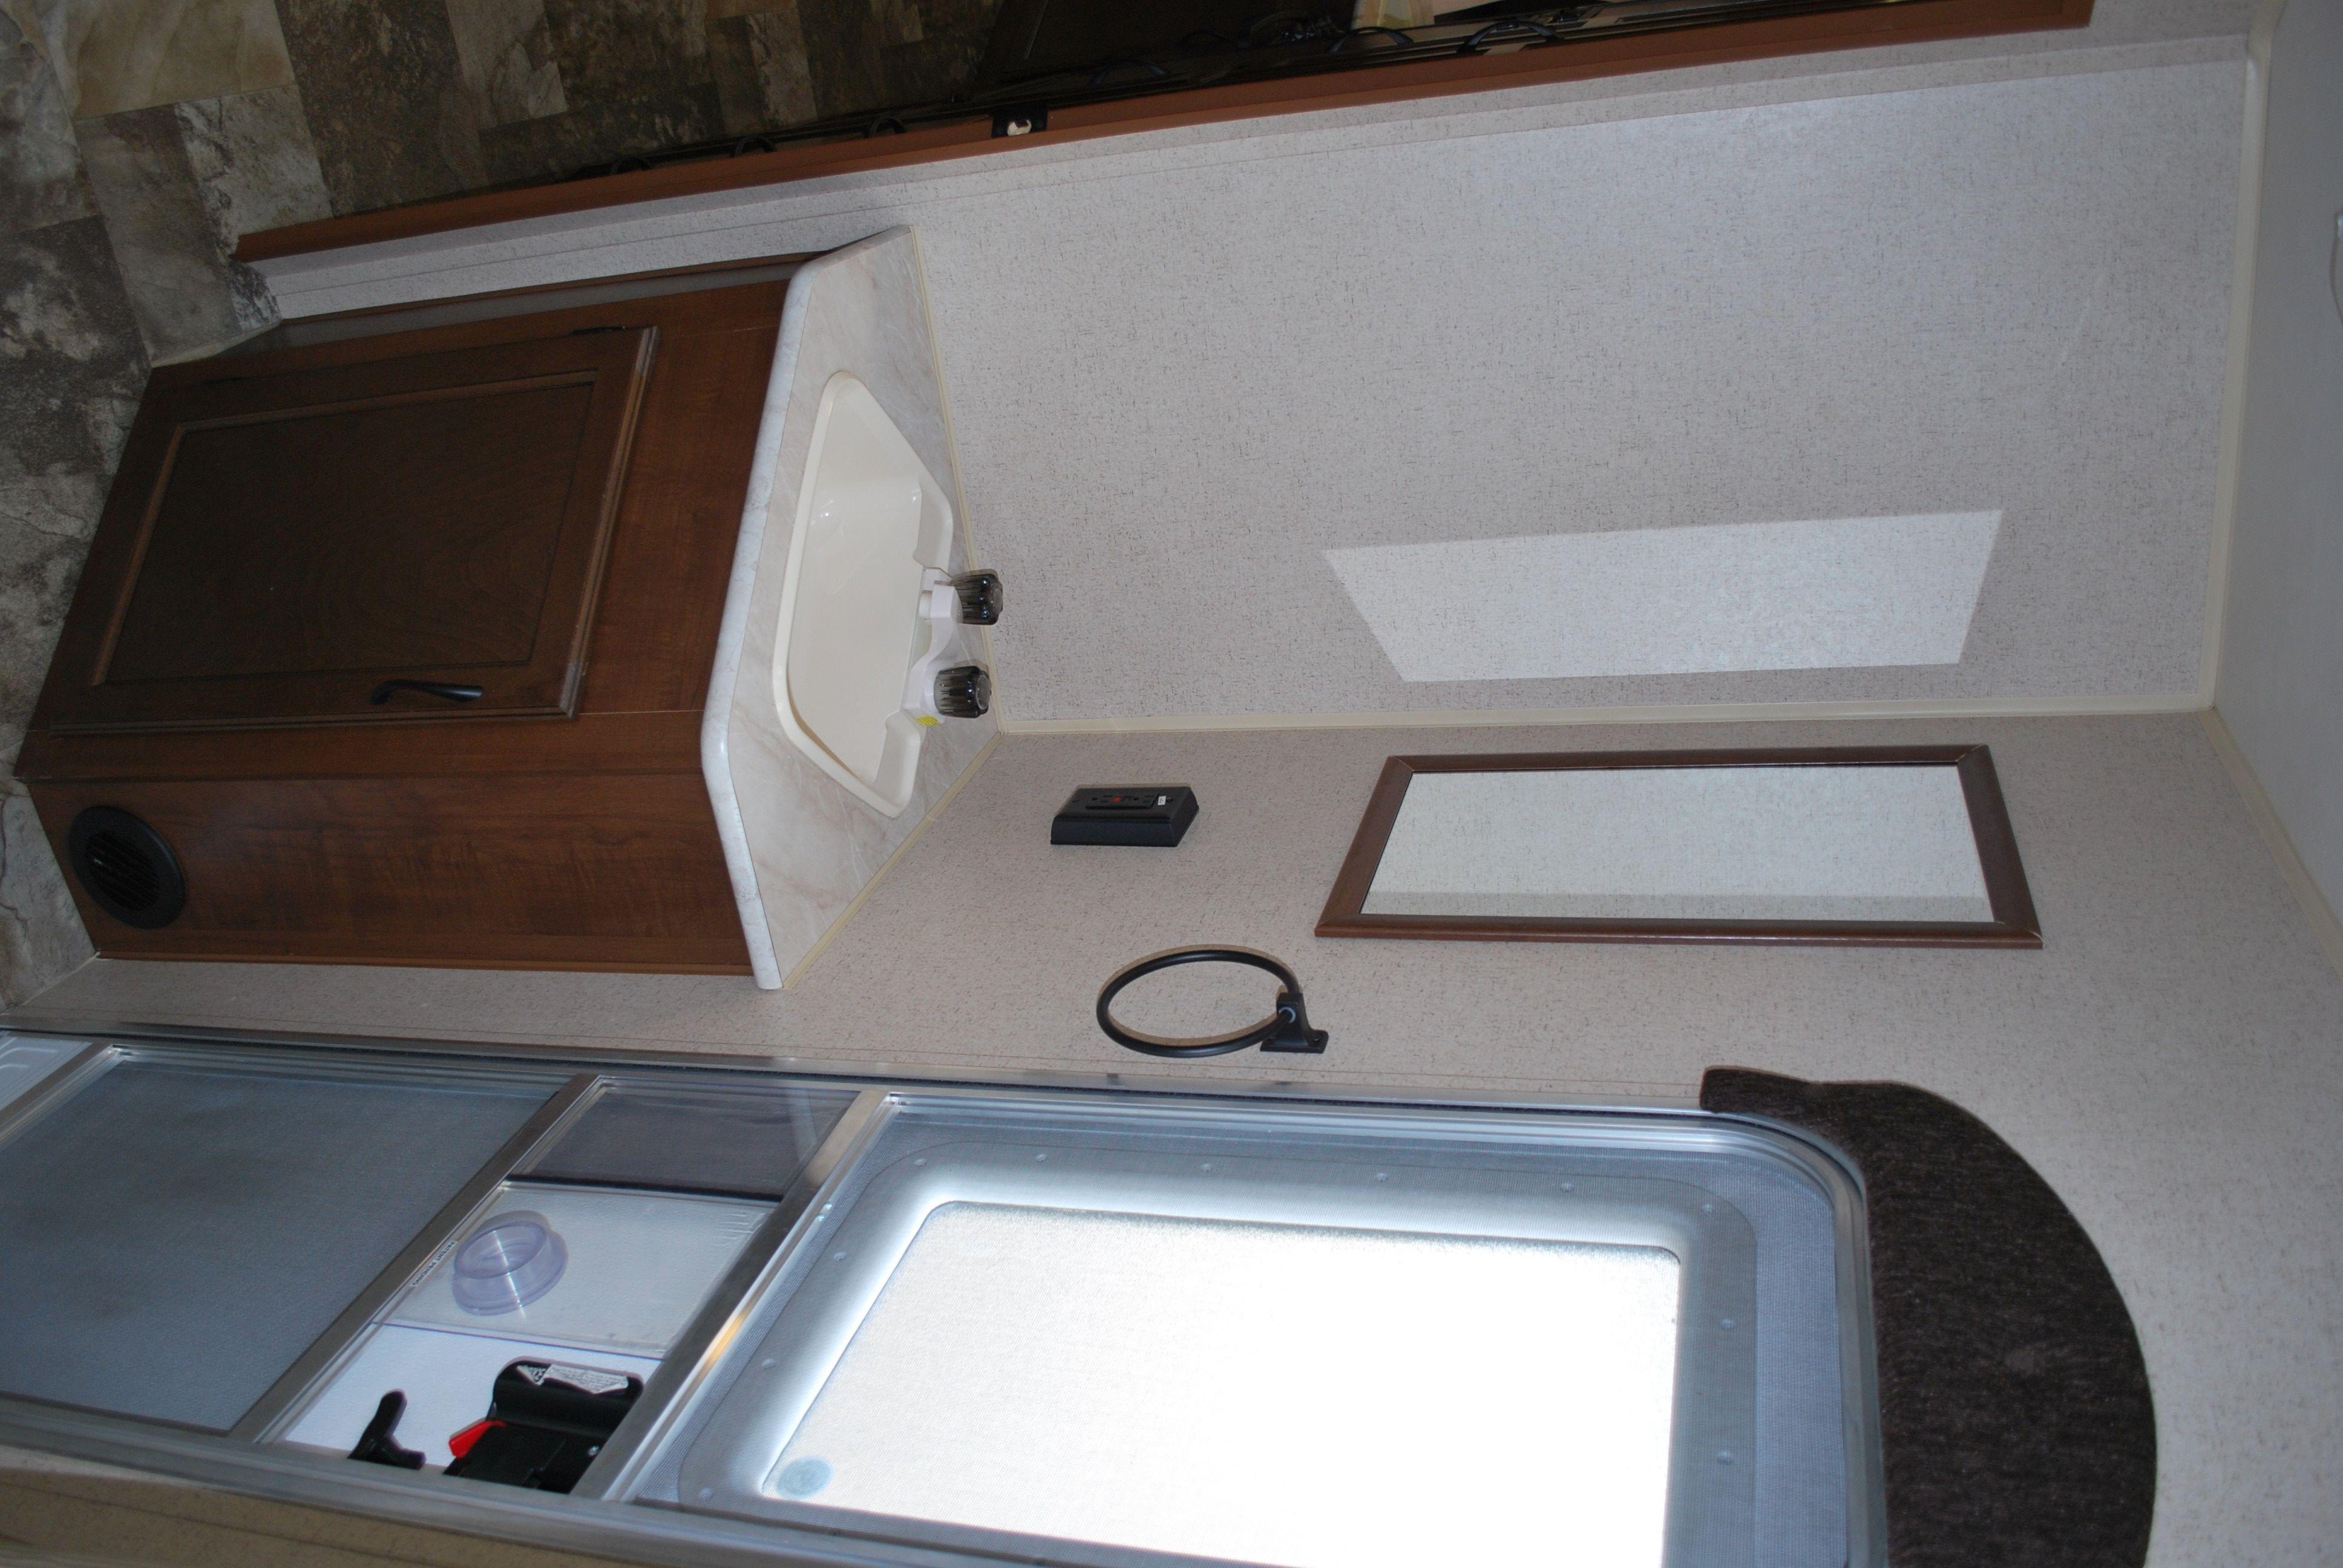 2 waschbecken badezimmer eitelkeiten  schneidigen wohnwagen ohne bad bilder ideen  mehr auf unserer